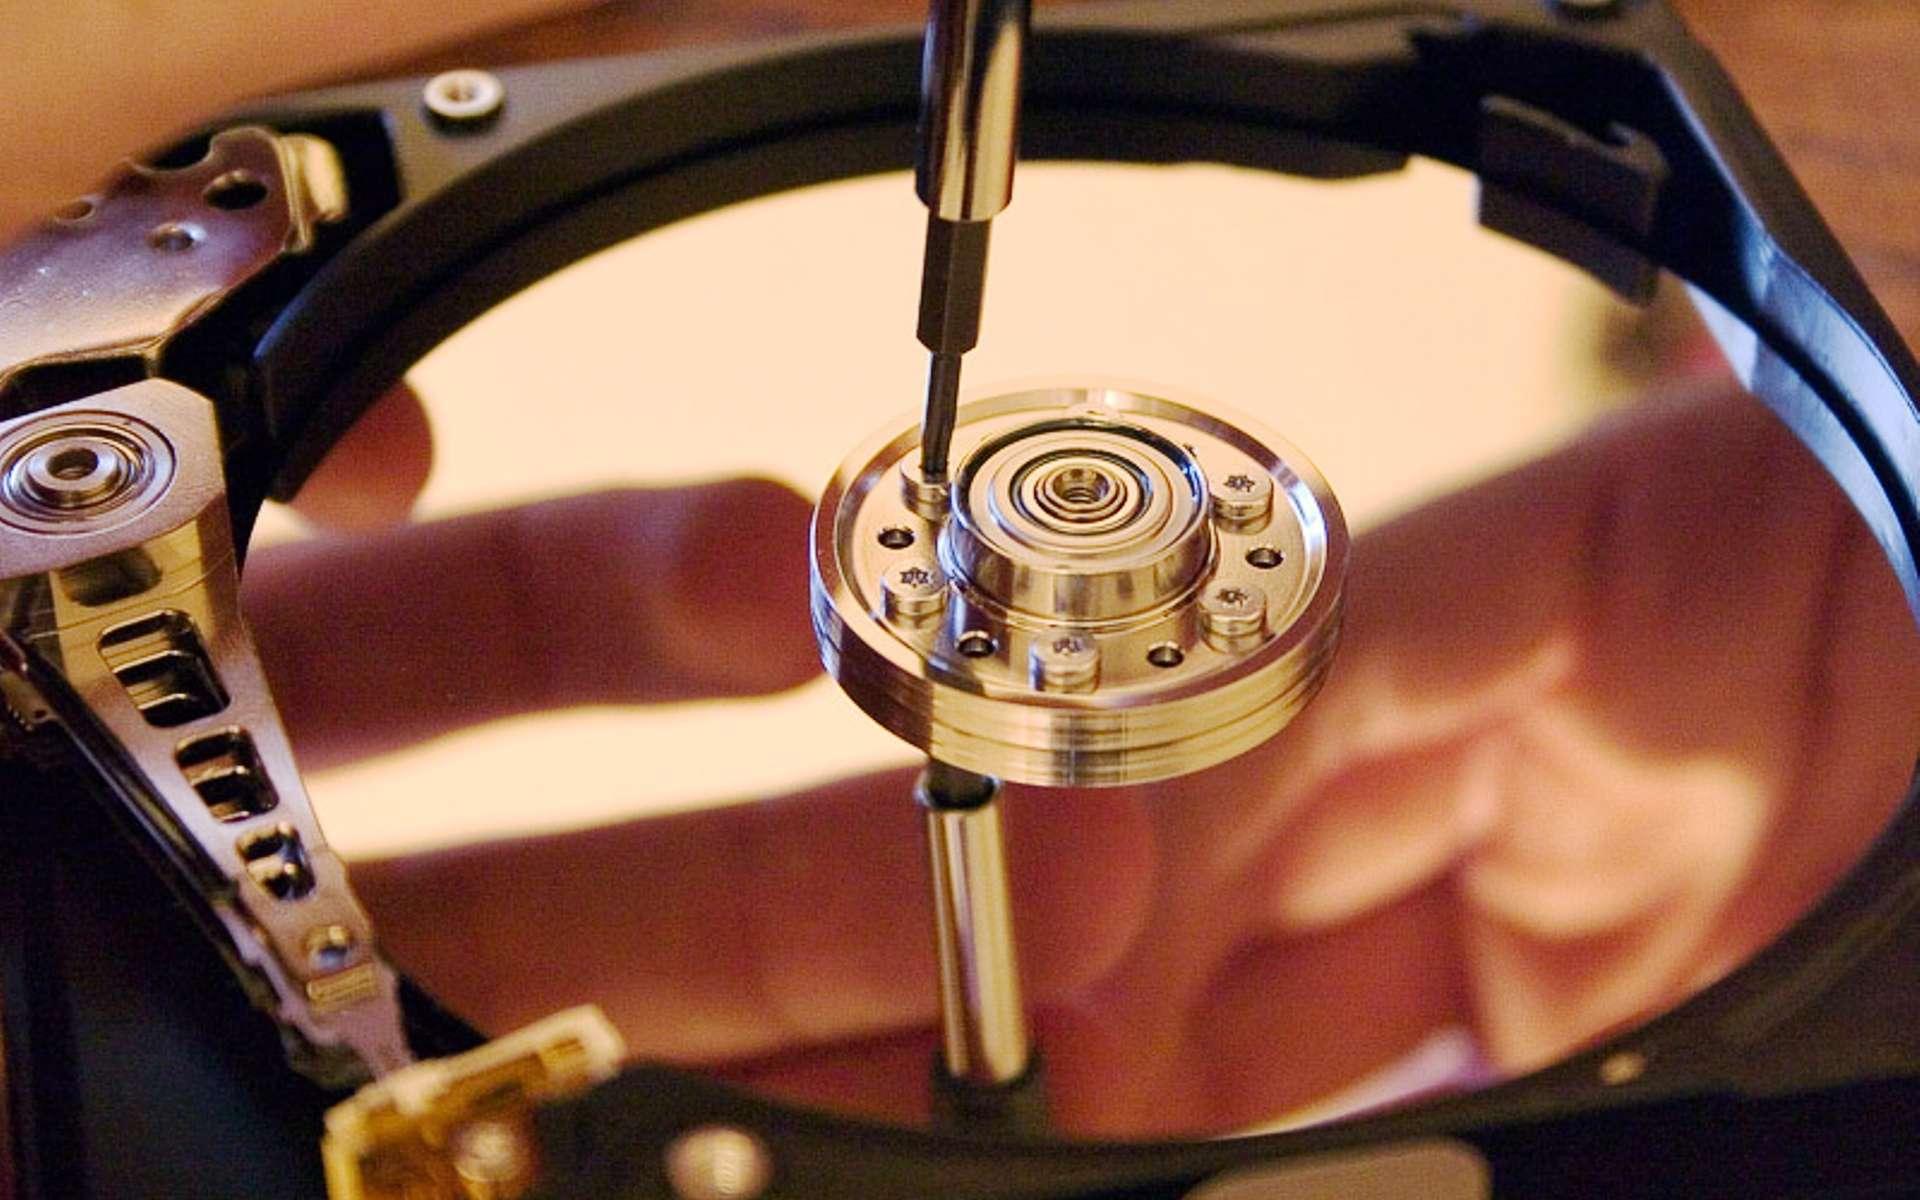 Un exemple de mémoire magnétique, un disque dur d'ordinateur. Il peut être utilisé à température ambiante. © CC BY-SA 3.0